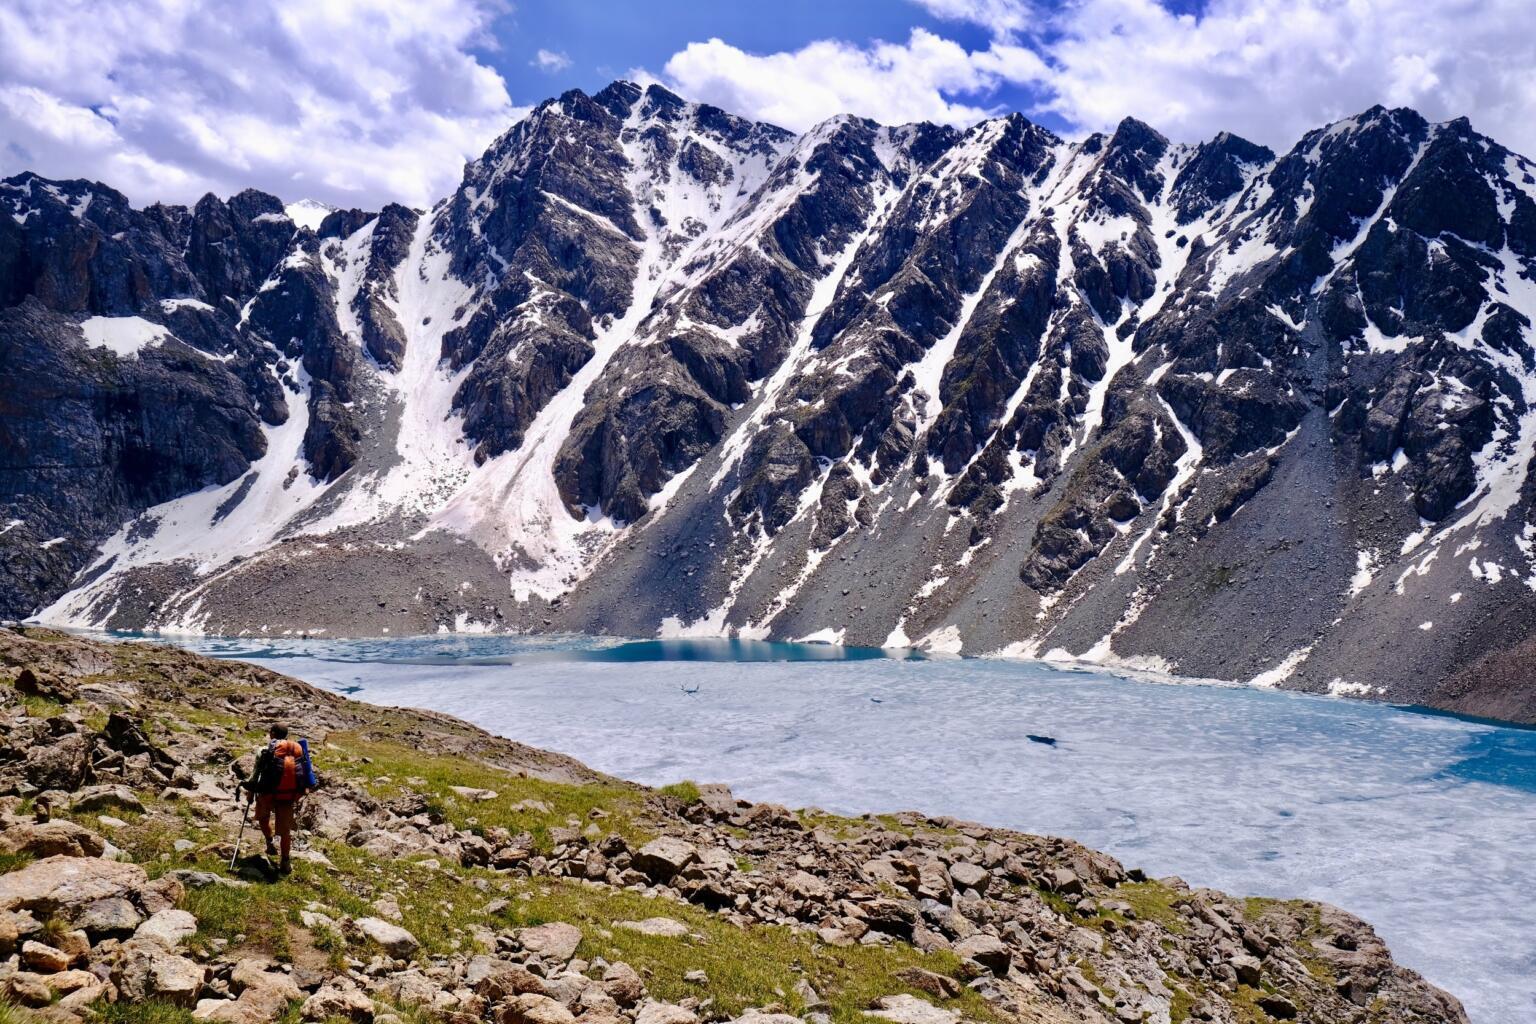 ala kul lake hike best in Kyrgyzstan